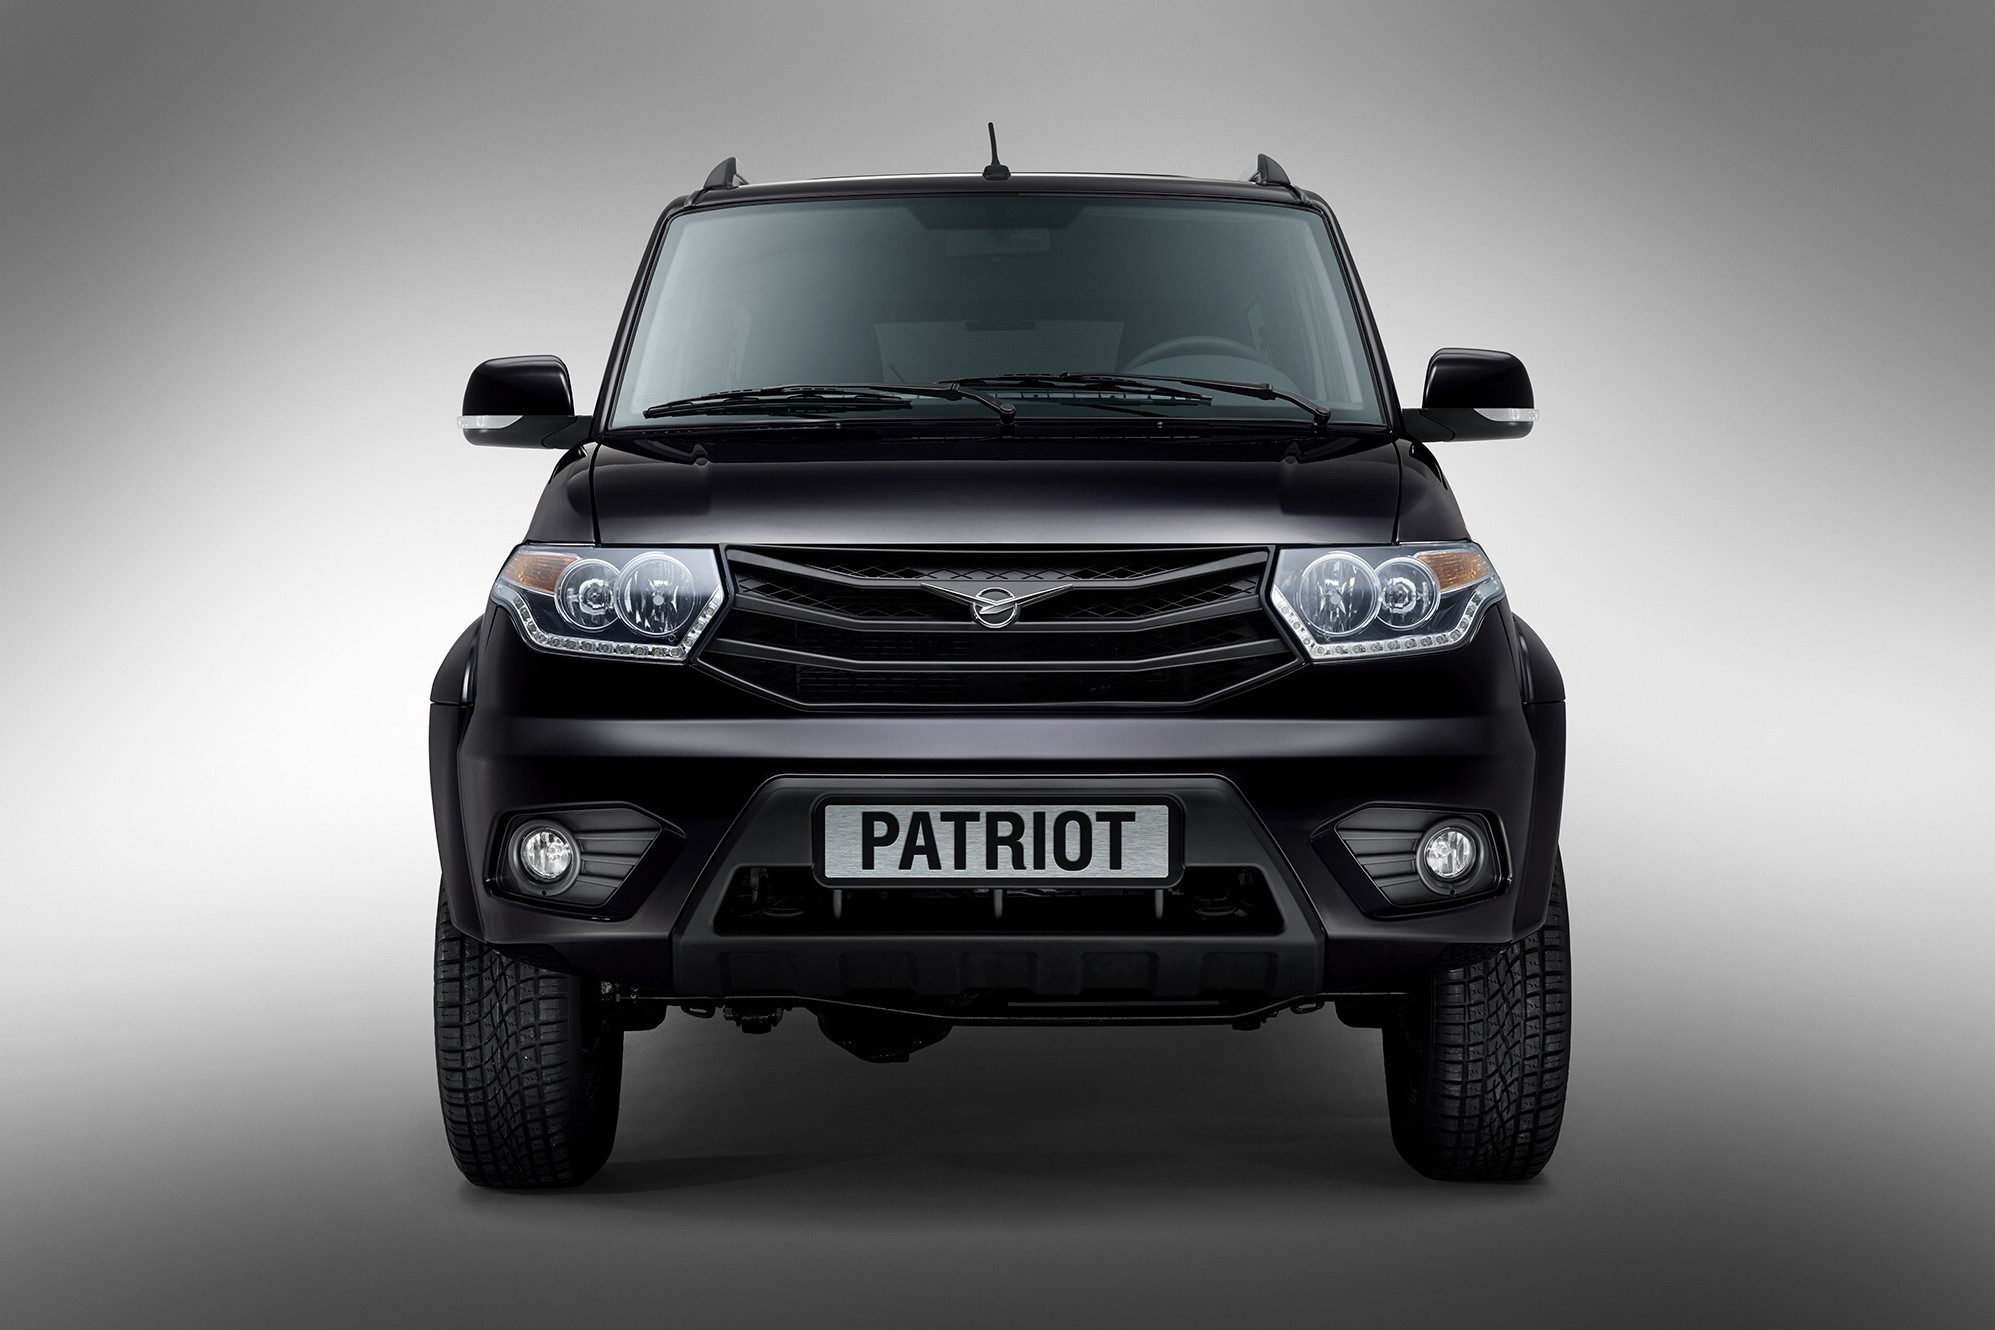 К 2020г. Ульяновский завод представит новый вседорожный автомобиль